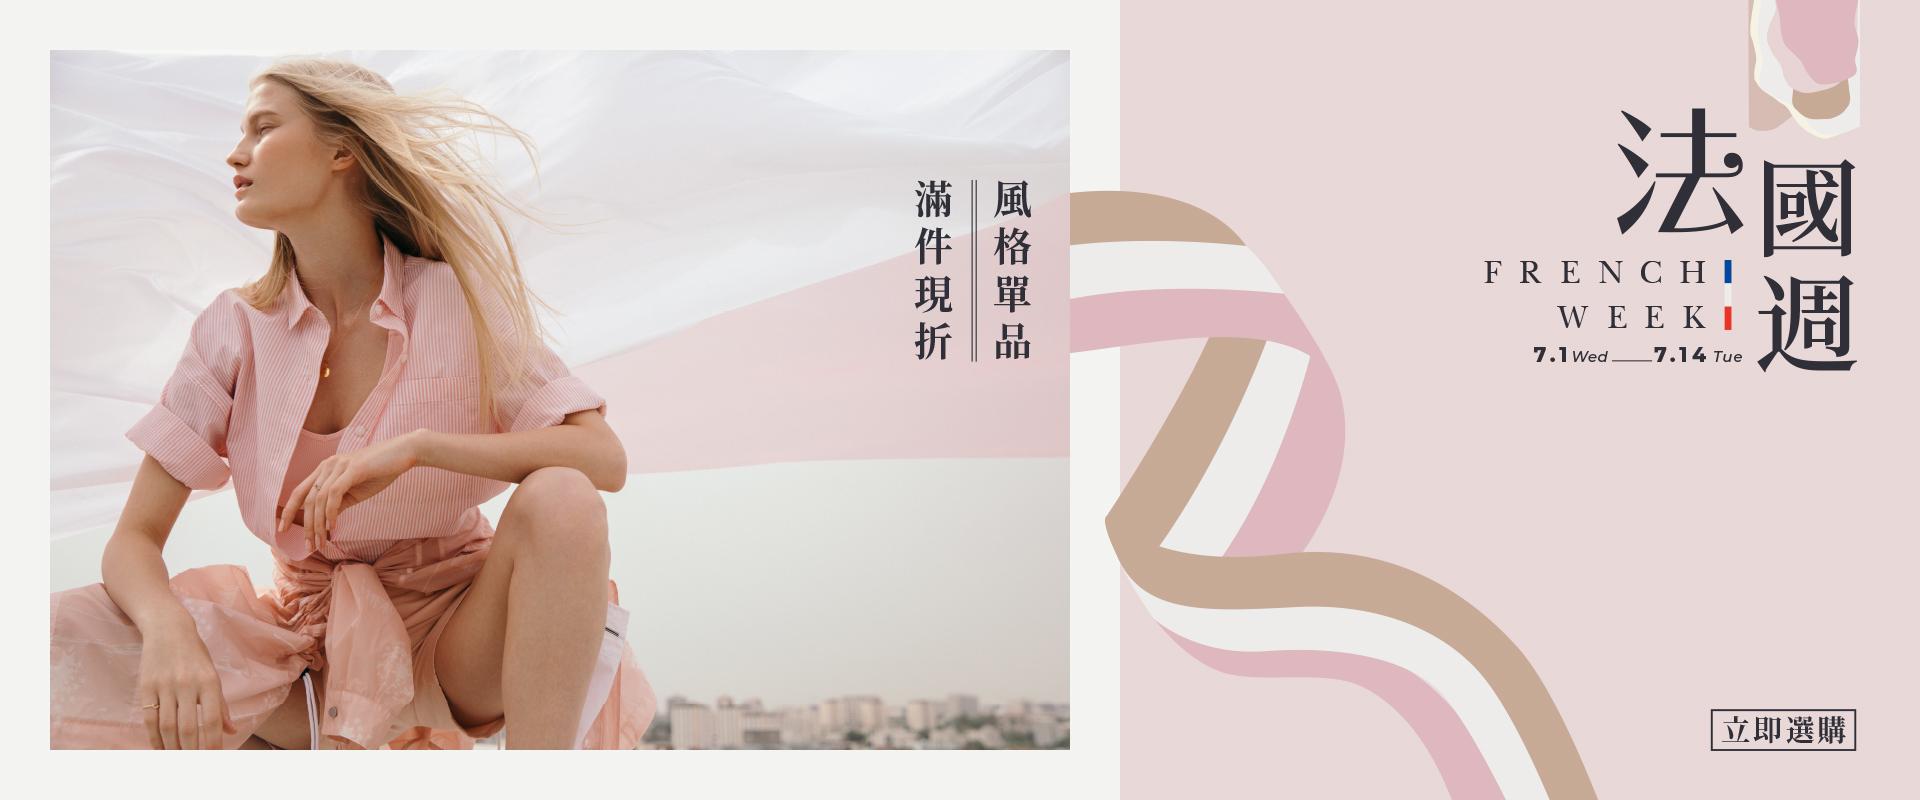 法國週 夏季T-Shirt Sale+滿額贈